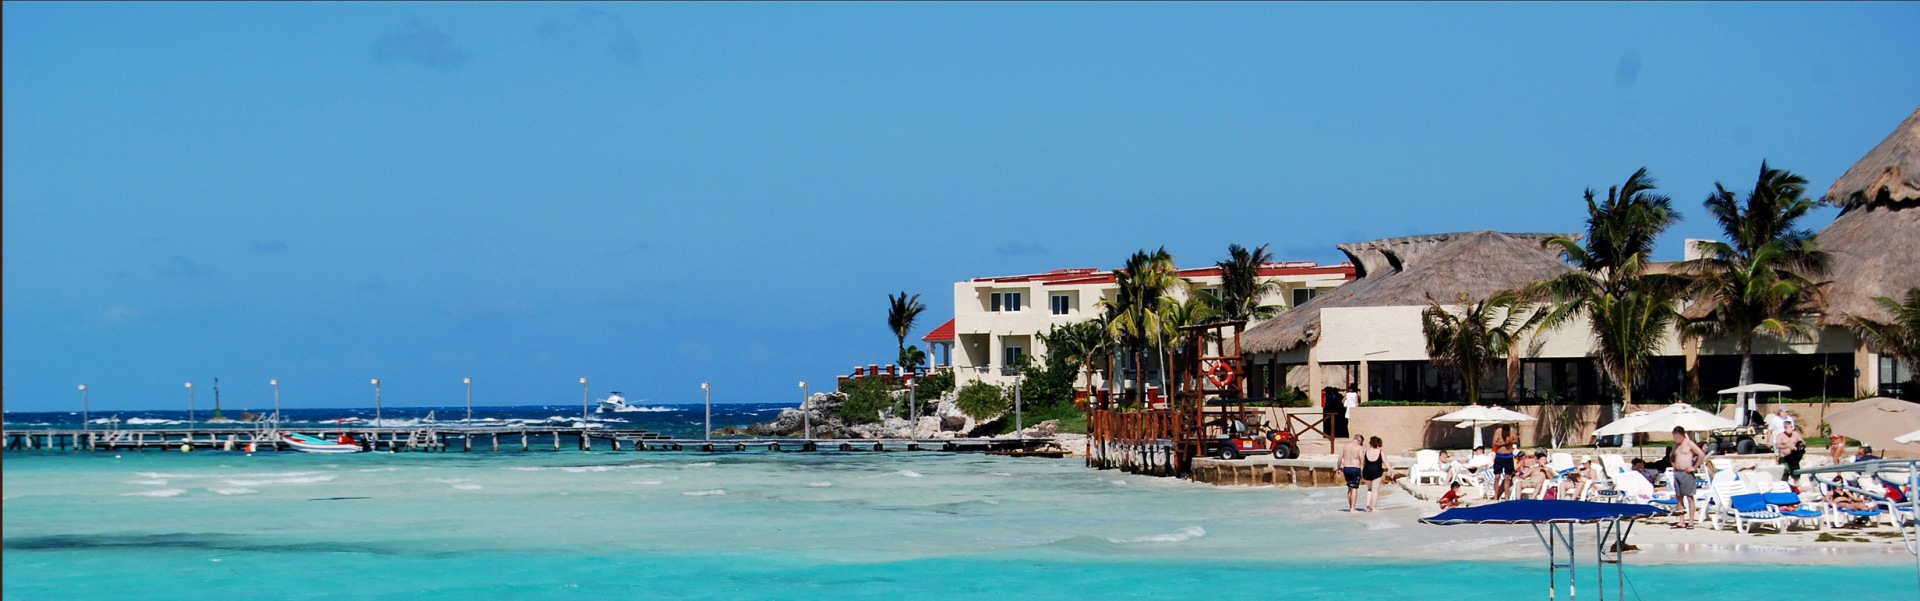 Les îles Marieta, un des joyaux les plus fascinants du Mexique